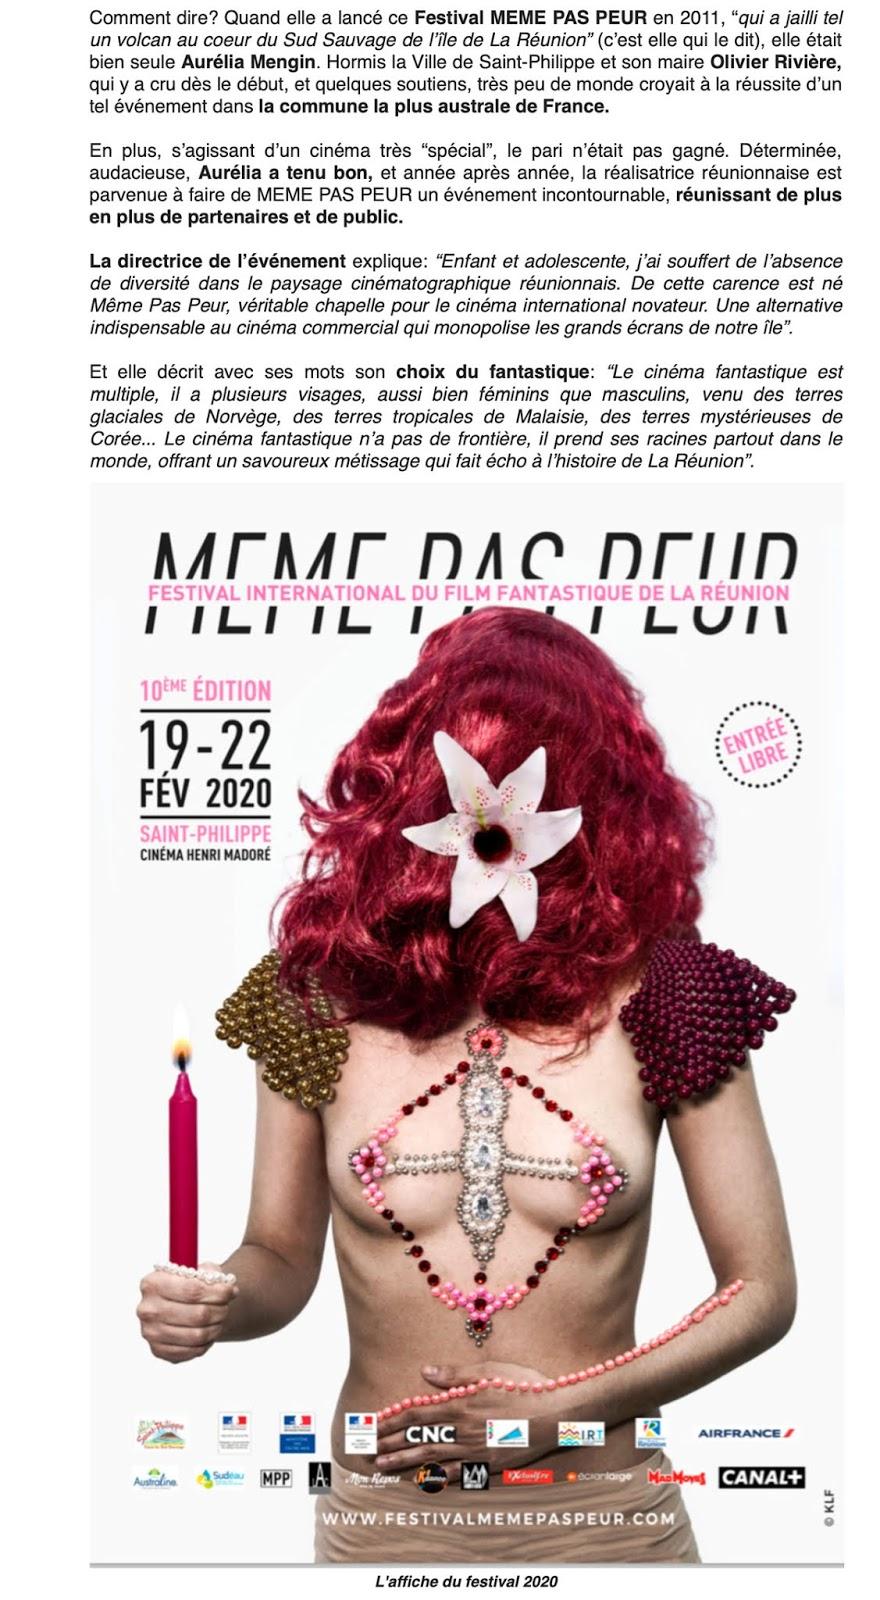 La 10ème édition du Festival MEME PAS PEUR dans Exclusif.re